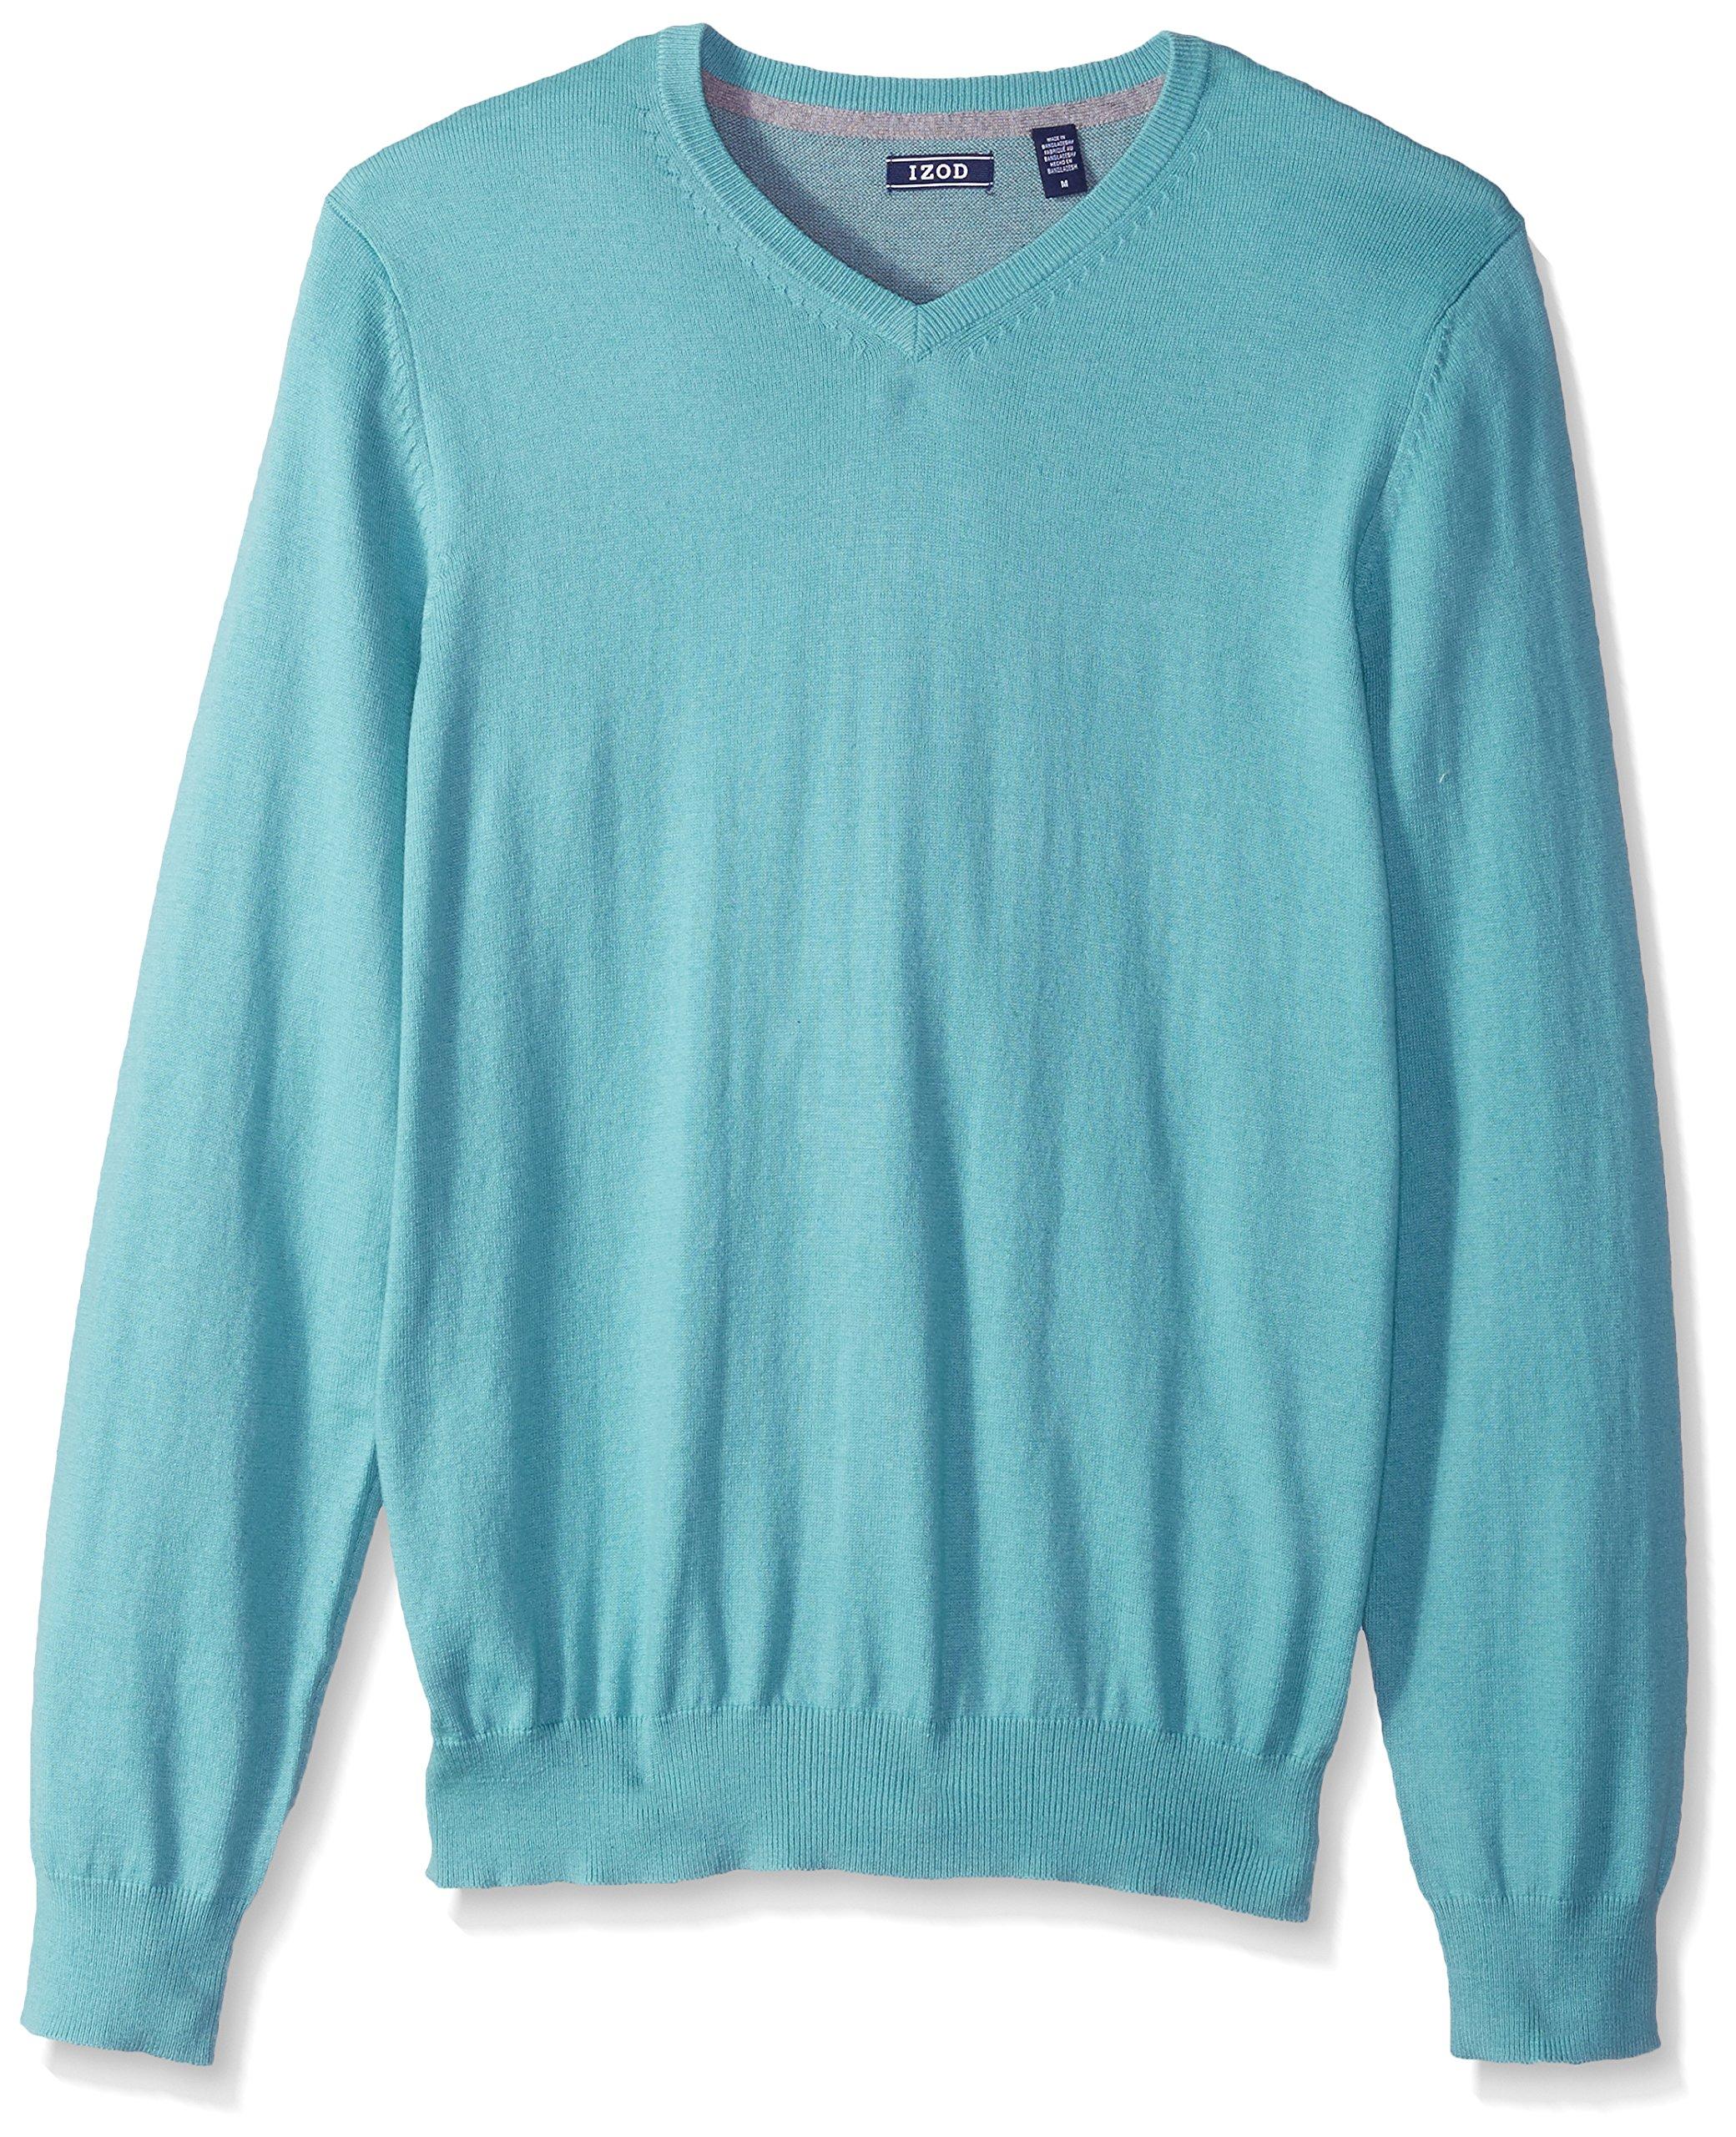 IZOD Men's Fine Gauge Solid V-Neck Sweater, Agate Green, Large